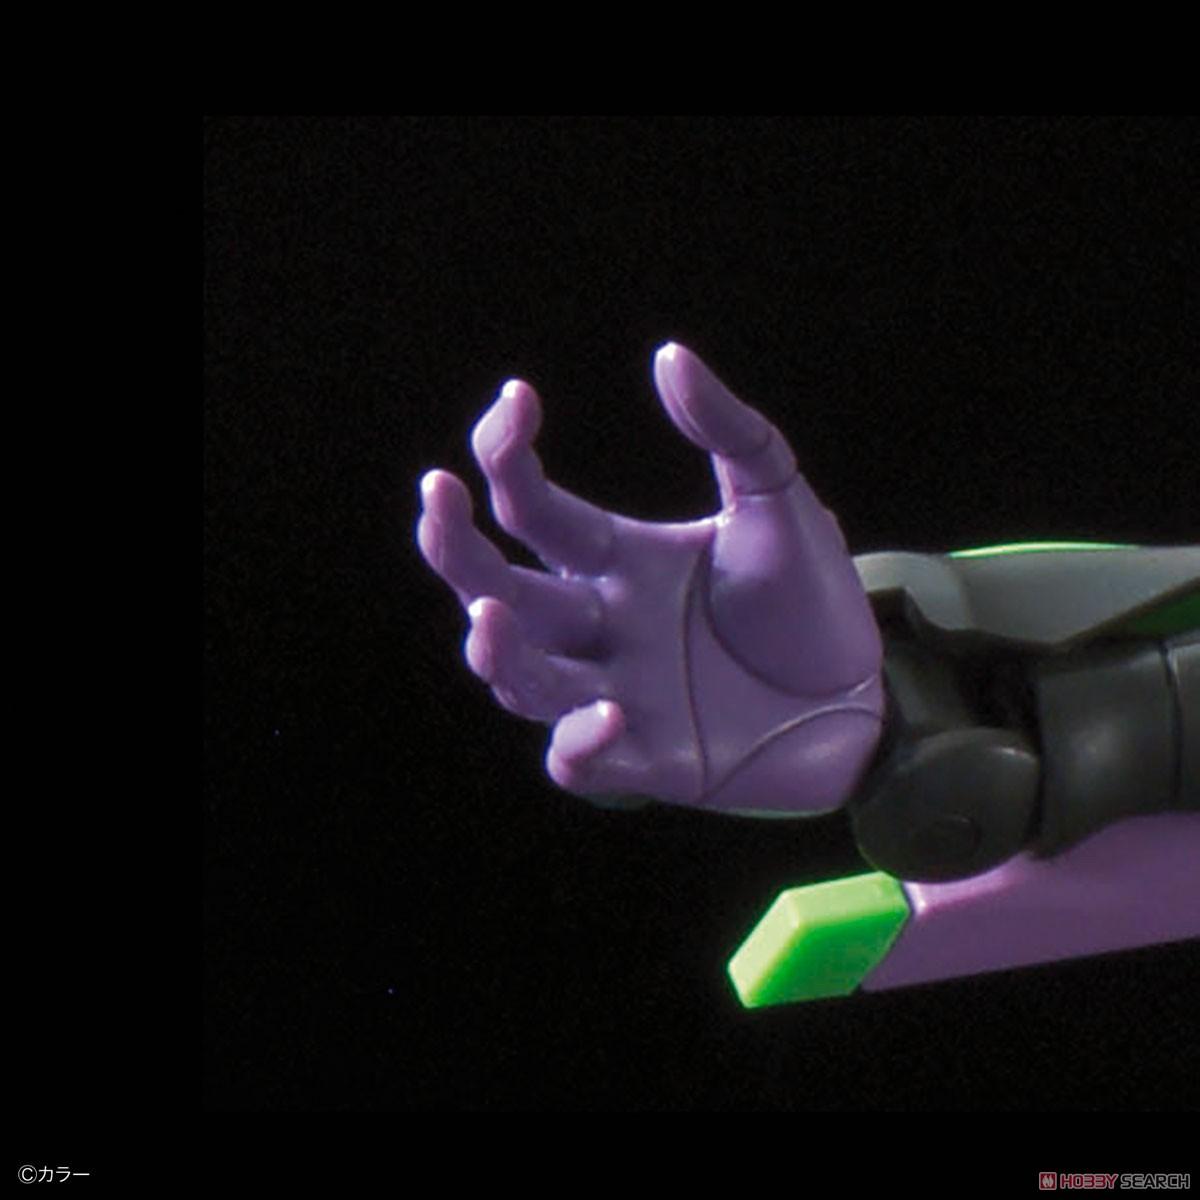 【8月再販】RG『汎用ヒト型決戦兵器 人造人間エヴァンゲリオン初号機』プラモデル-008